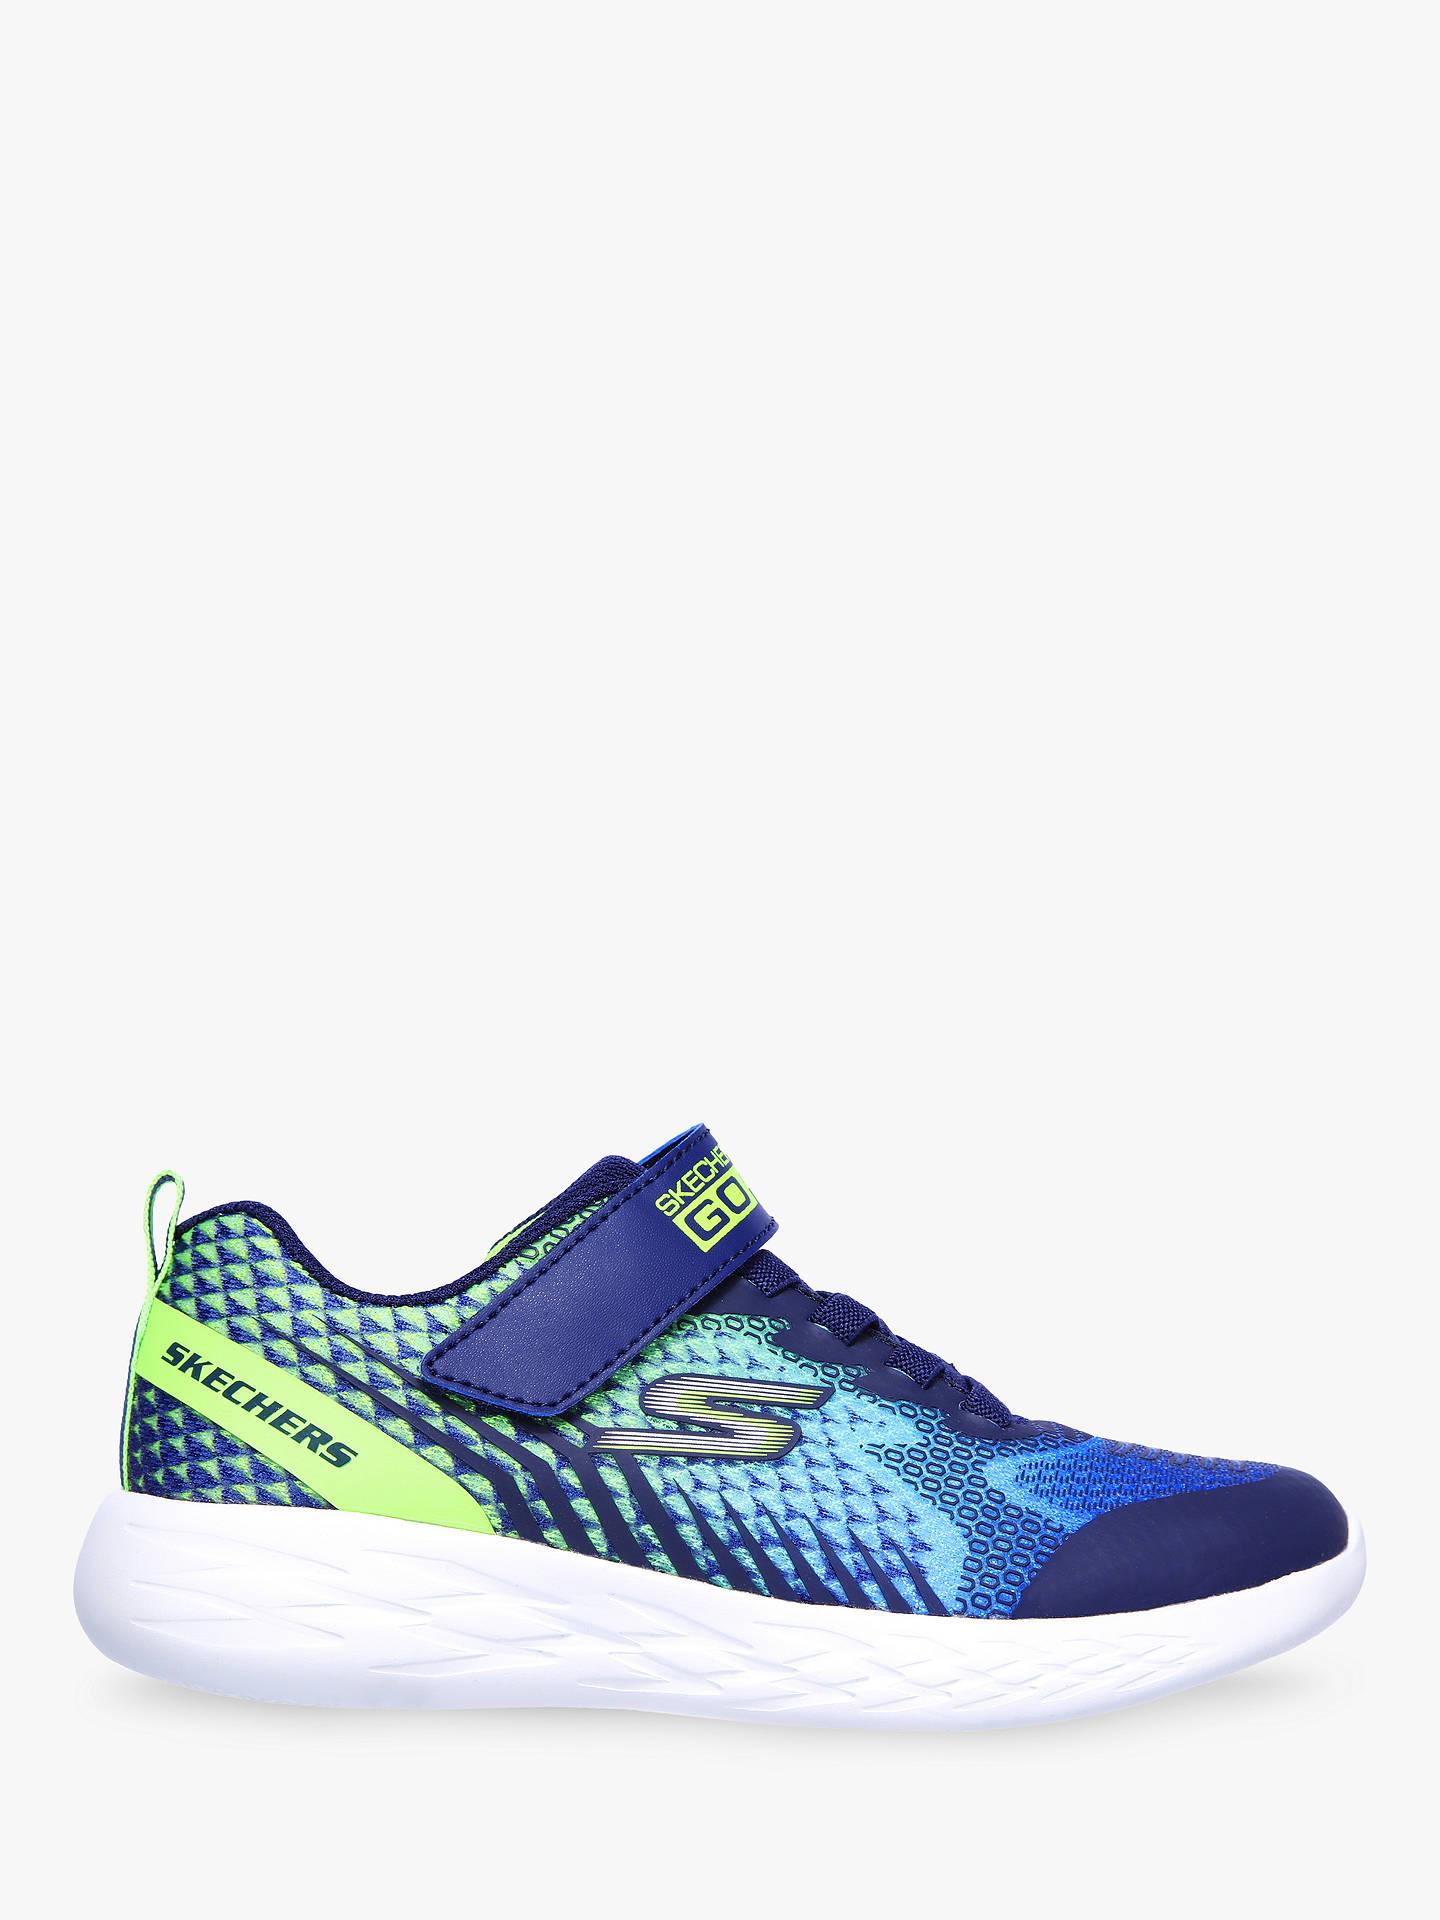 59a86d7d74d27 Skechers Children's GOrun 600 Battox Running Shoes, Navy/Lime at ...